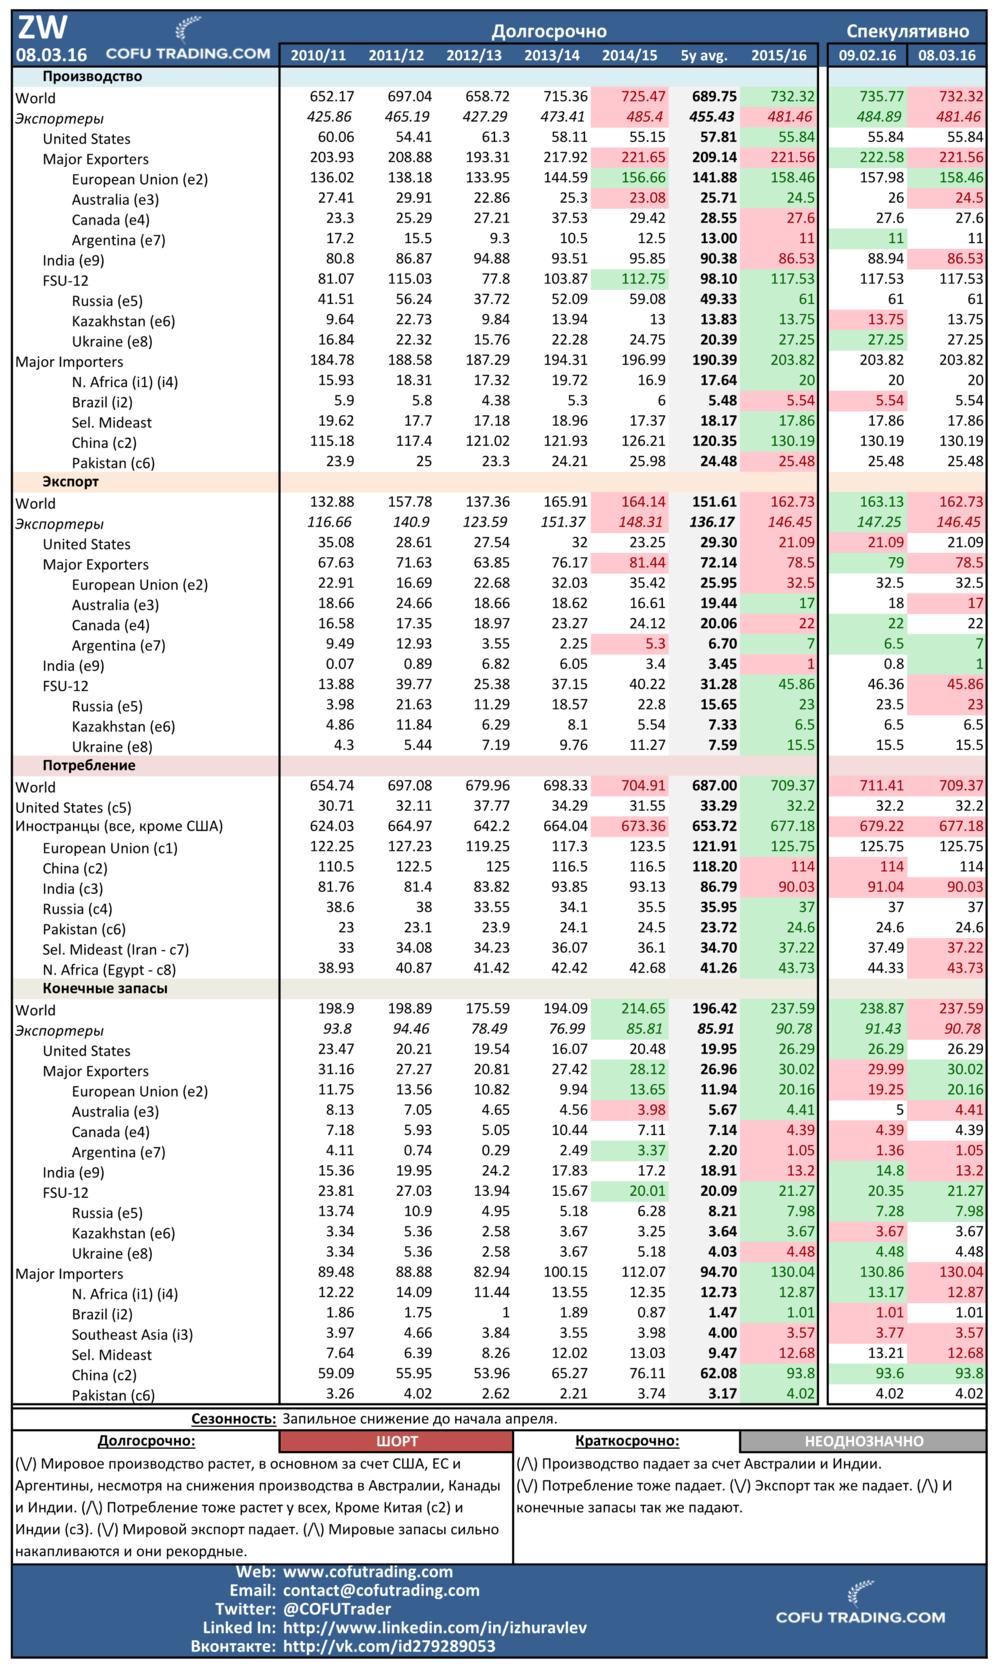 Мировой спрос и предложение на пшеницу